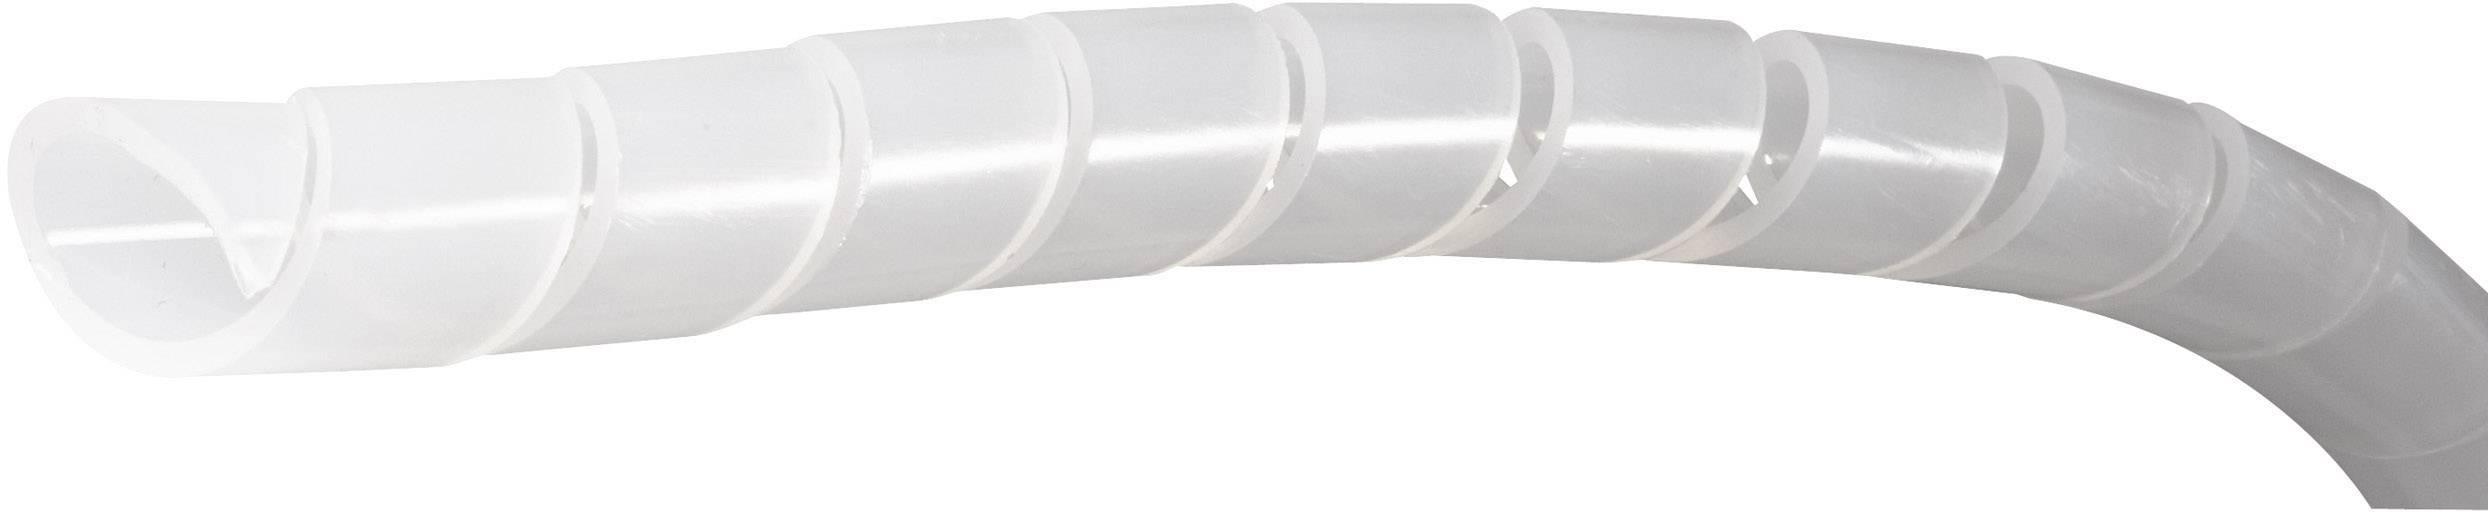 Špirálový káblový oplet PB Fastener SB 100 E SB 100 E, prírodná, metrový tovar